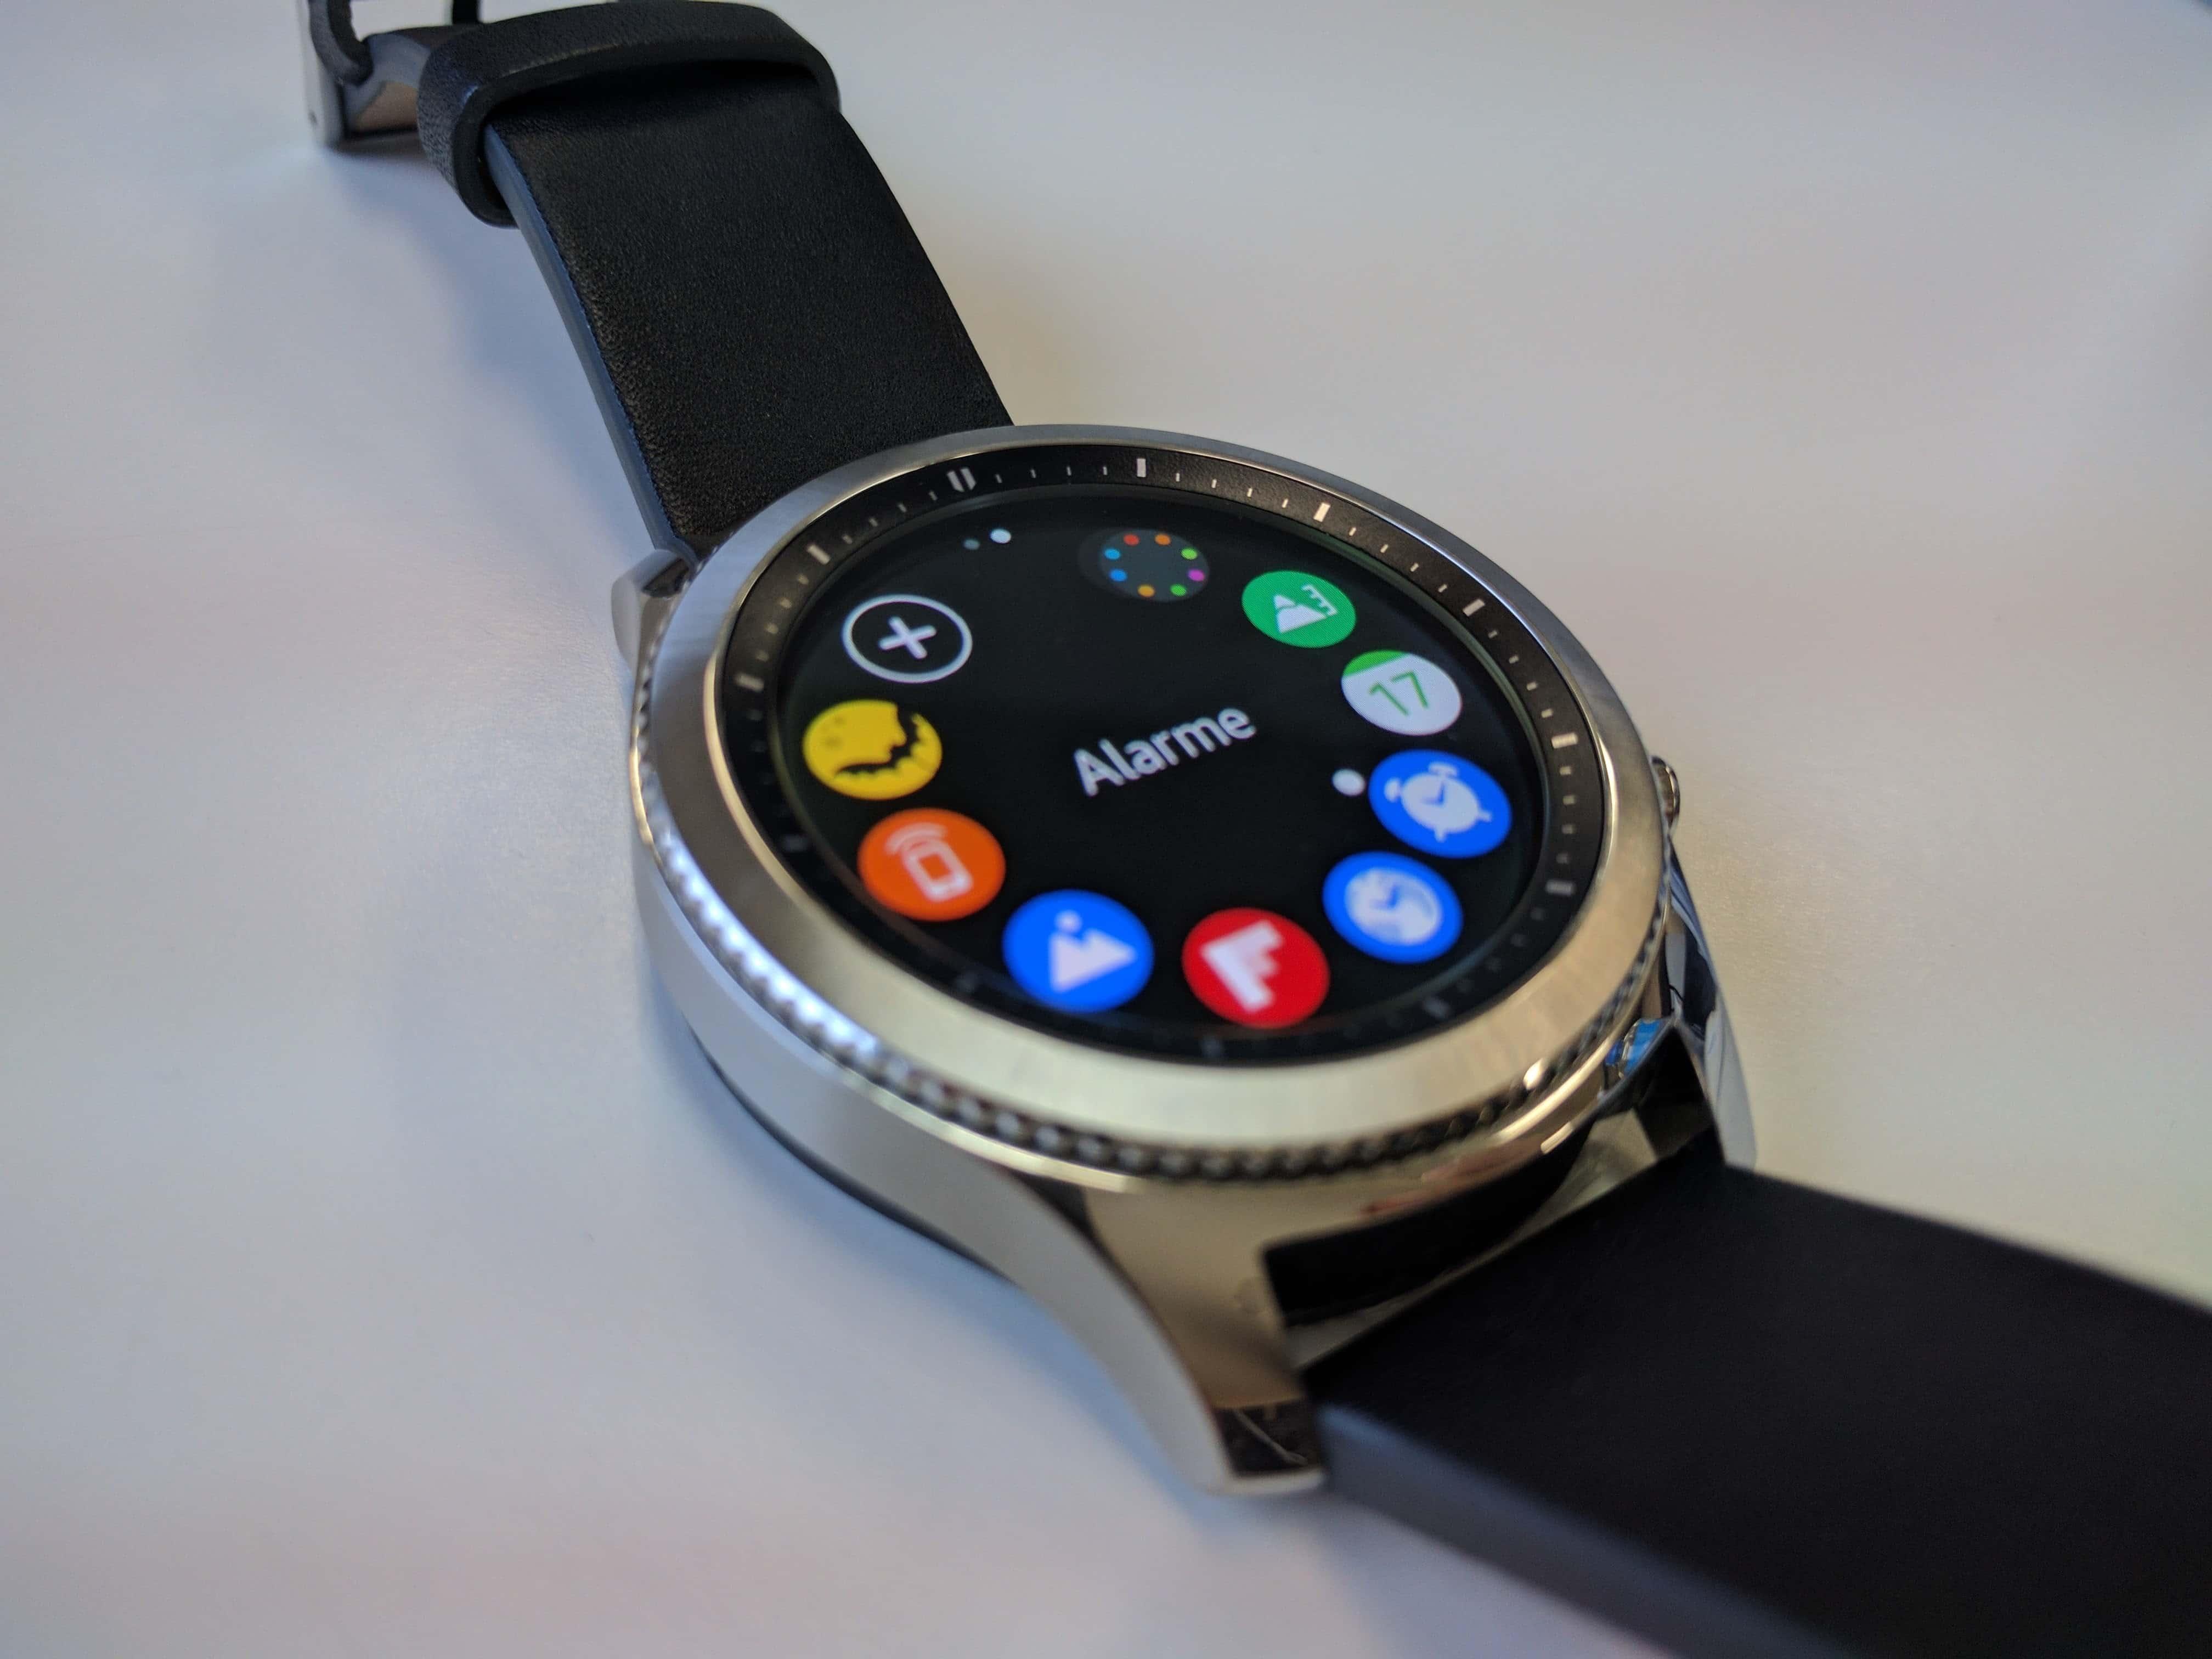 687c3009a14 Testamos  Gear S3 é o melhor smartwatch do Brasil